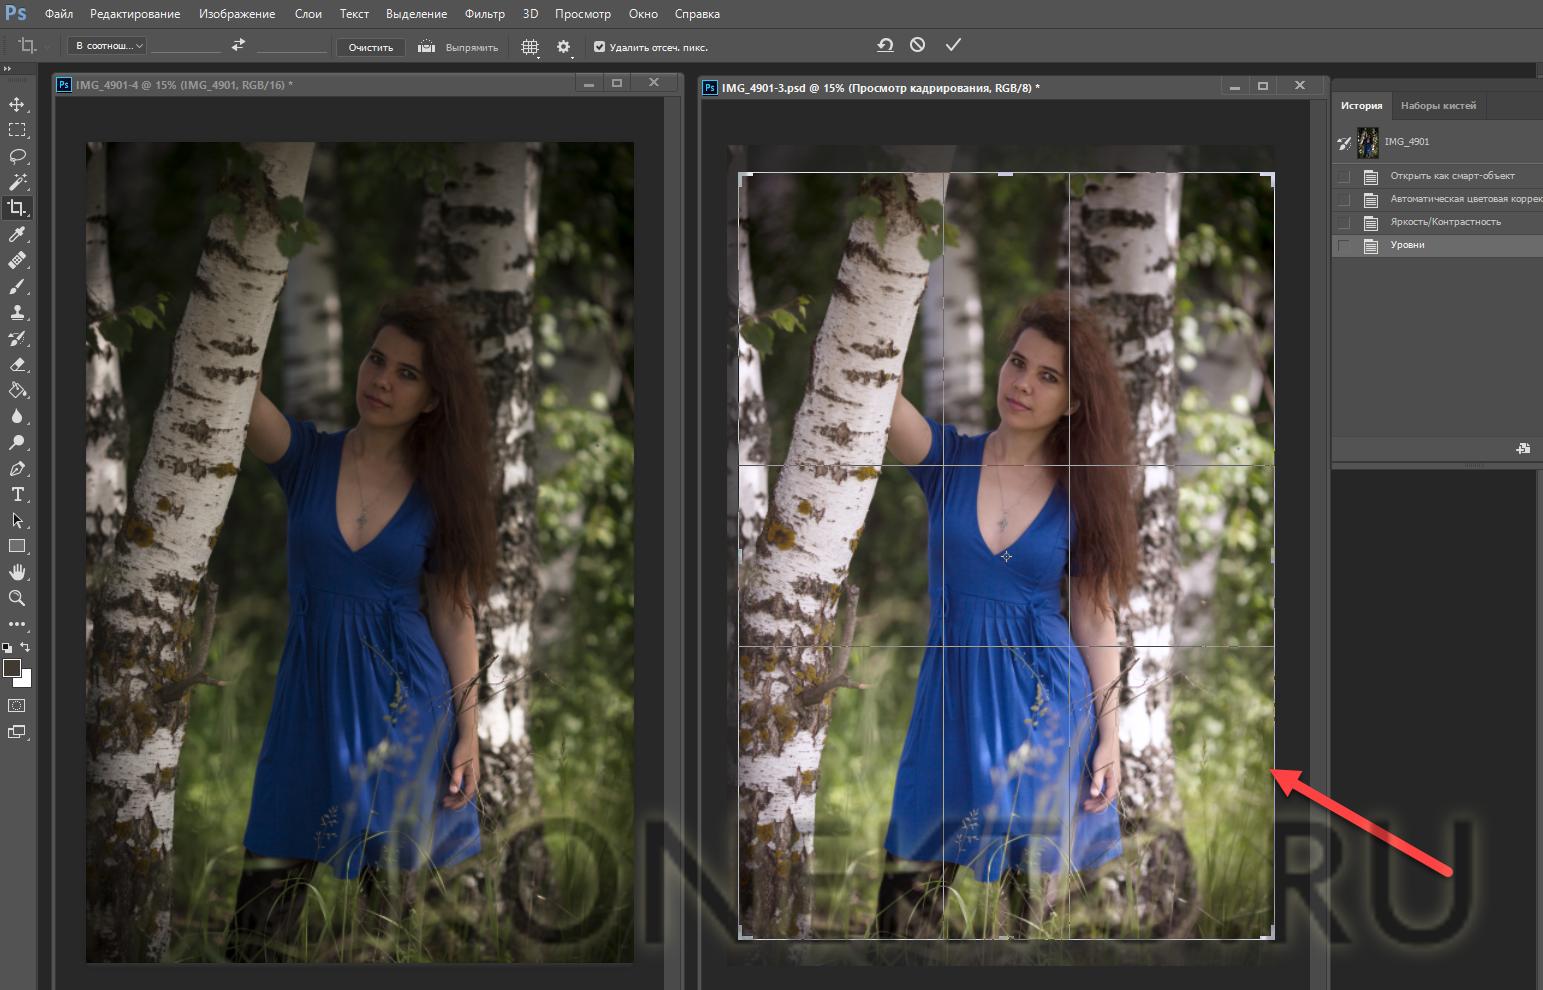 как улучшить качество фото на телефоне просторы россии